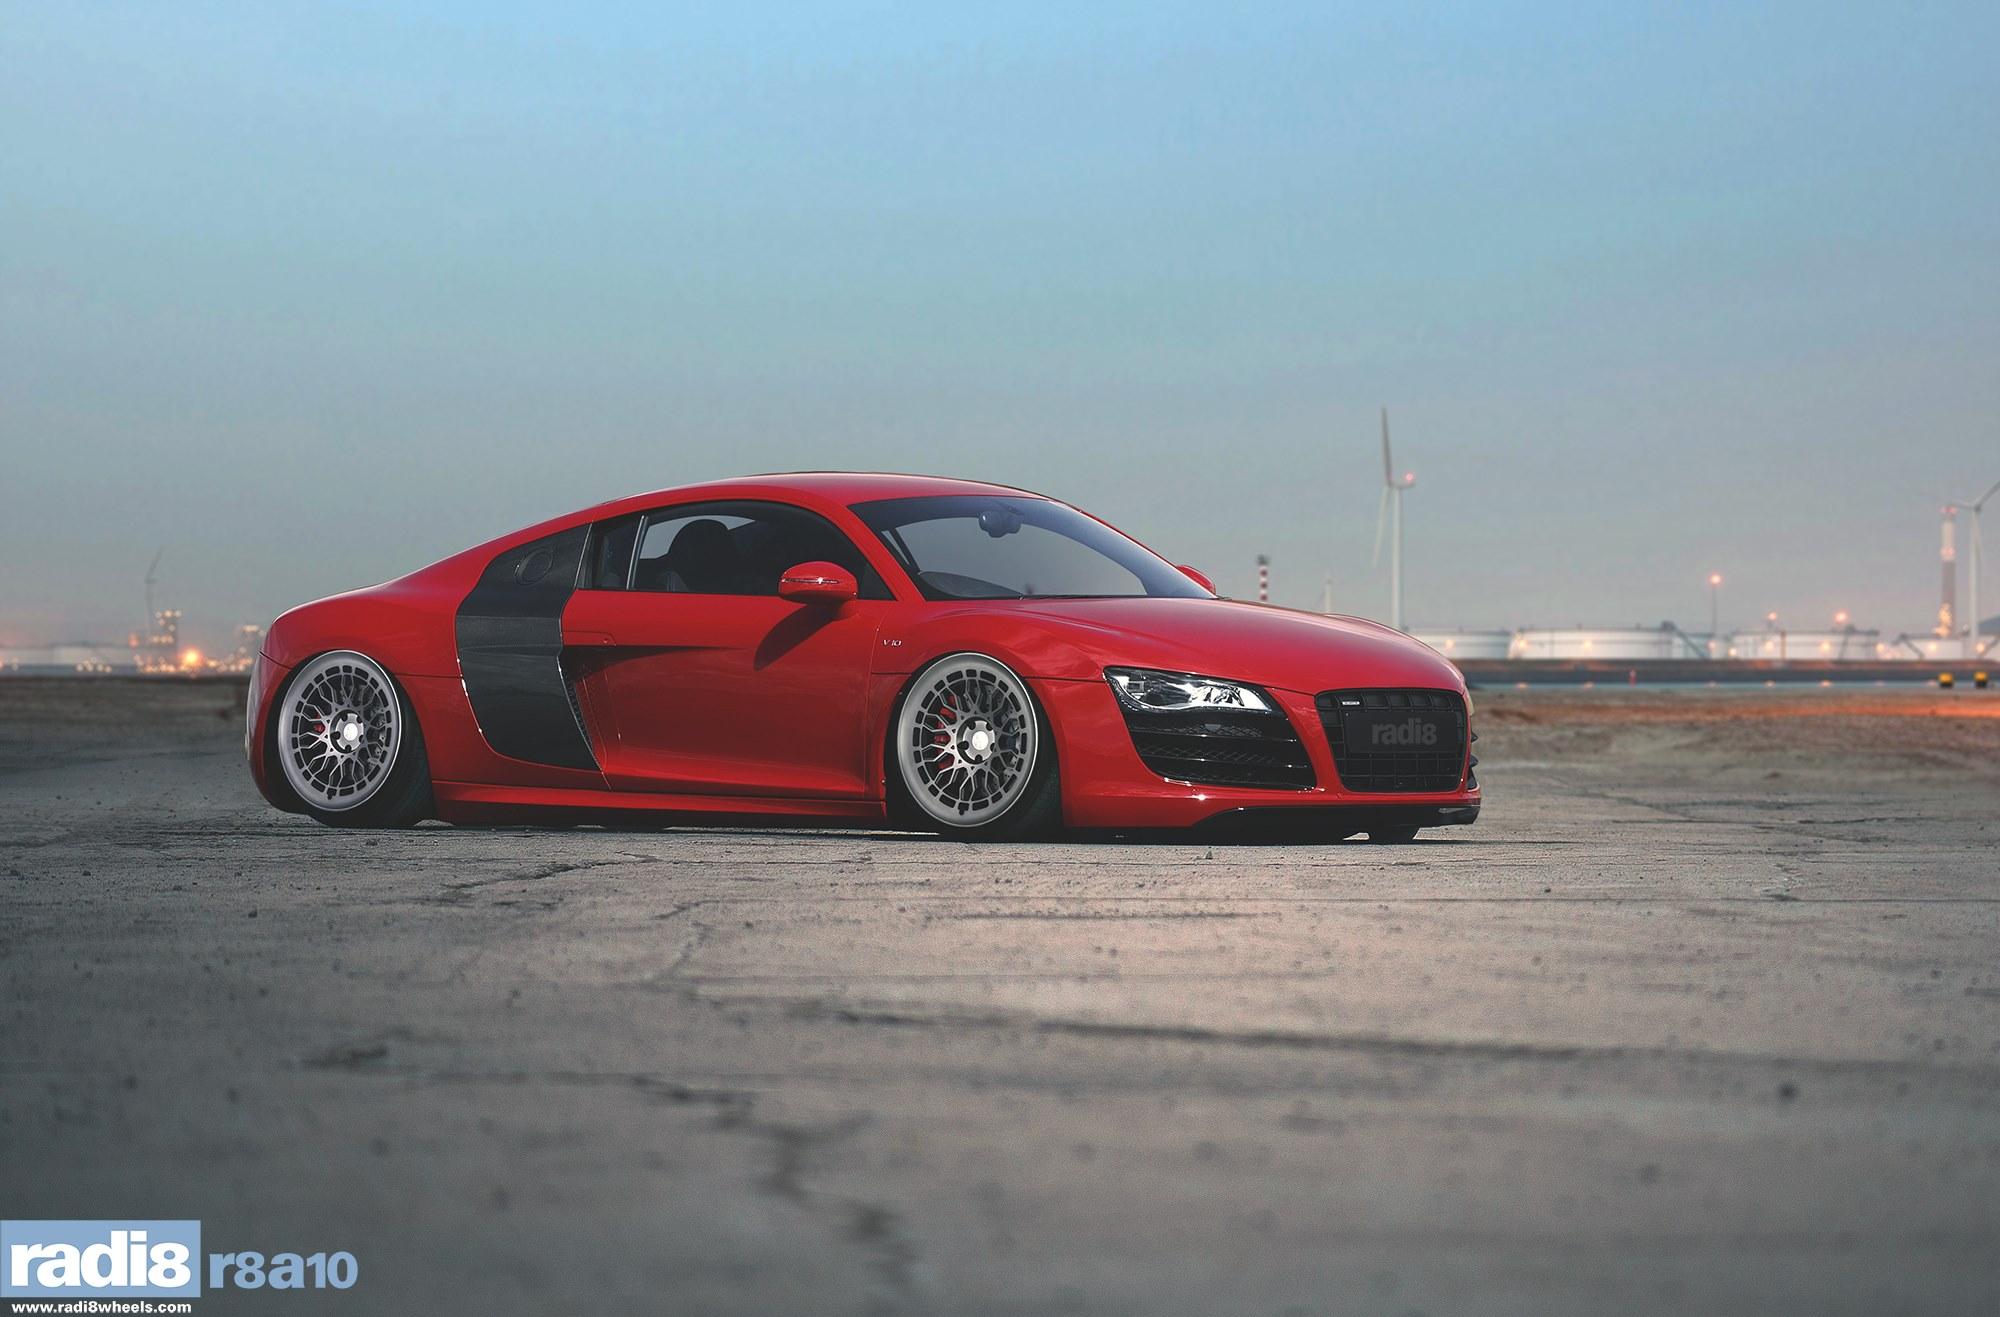 Radi8 R8A10 - Audi R8 V10